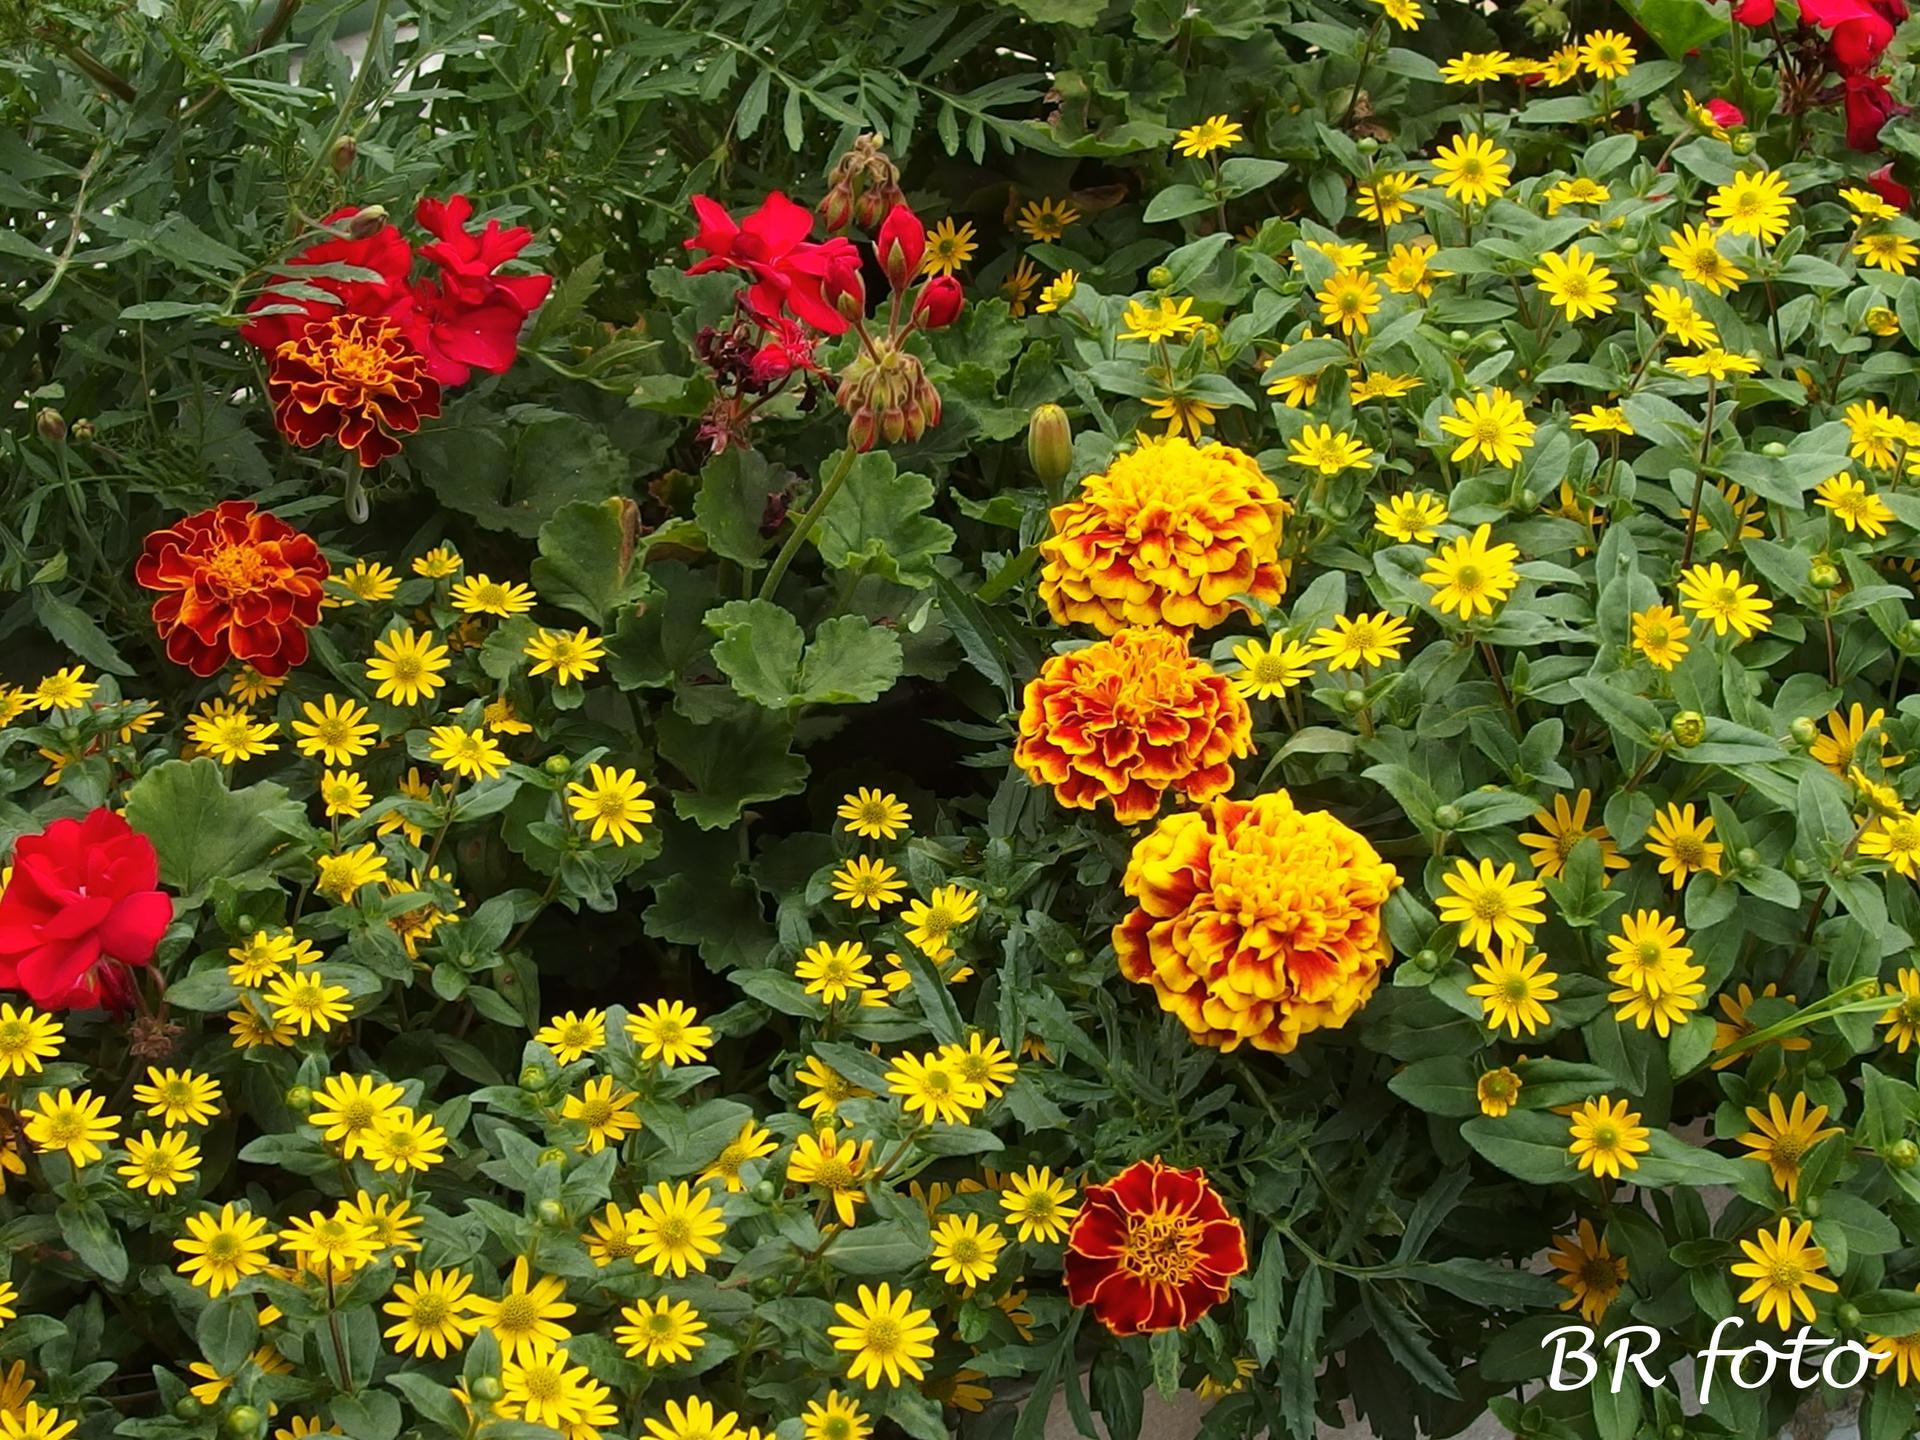 Zahrada v létě - sanvitálka krásně prospívá, vzpřímené muškáty jsou v těch deštích chudáci